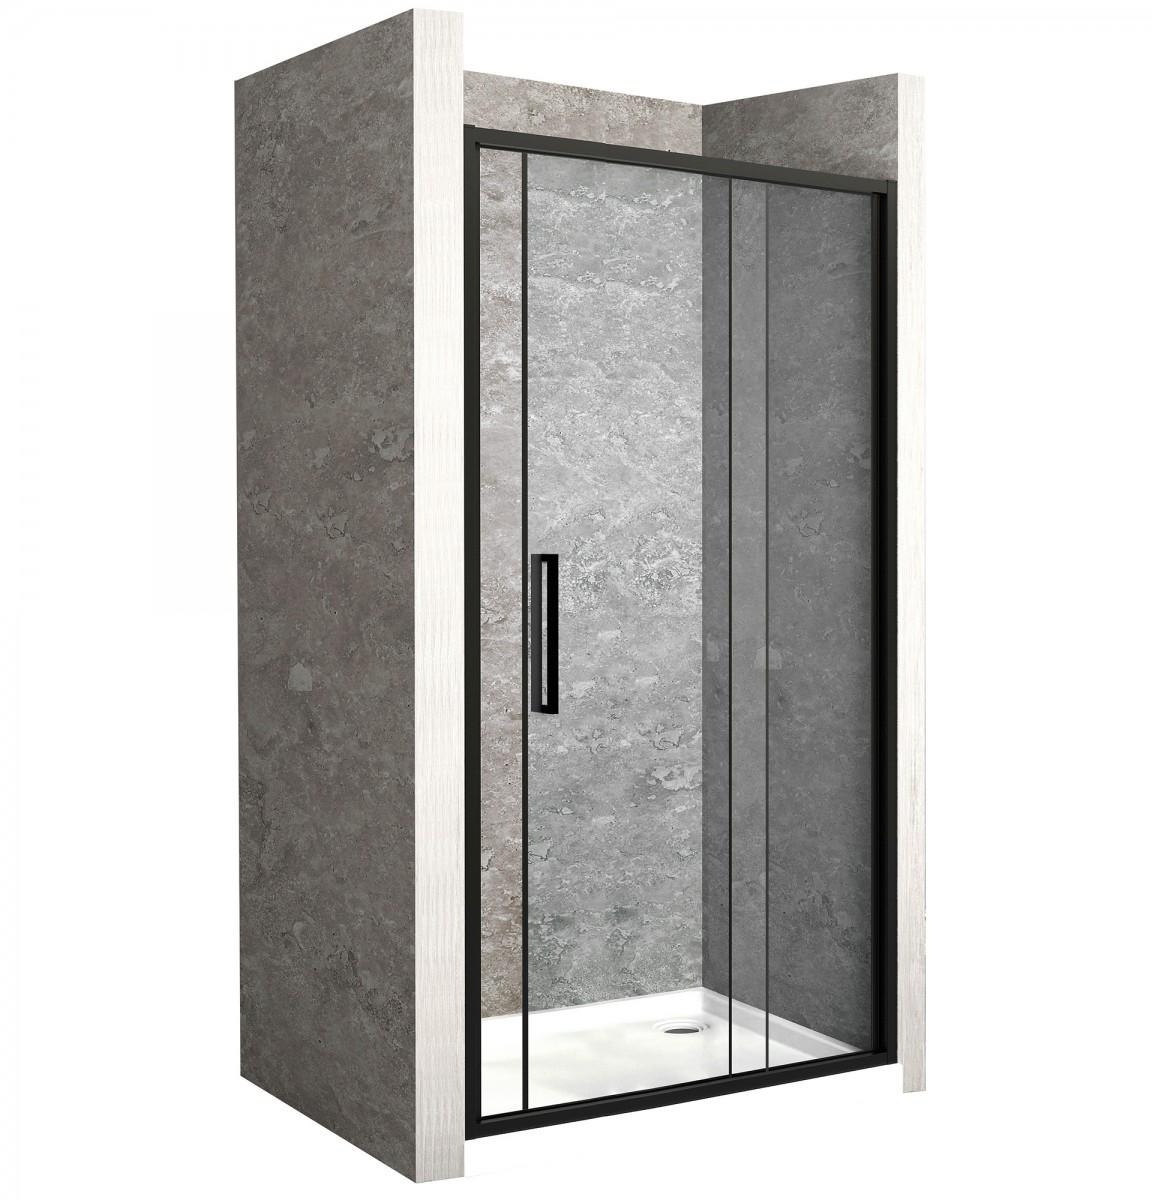 REA Sprchové dveře Rapid Slide 100 cm